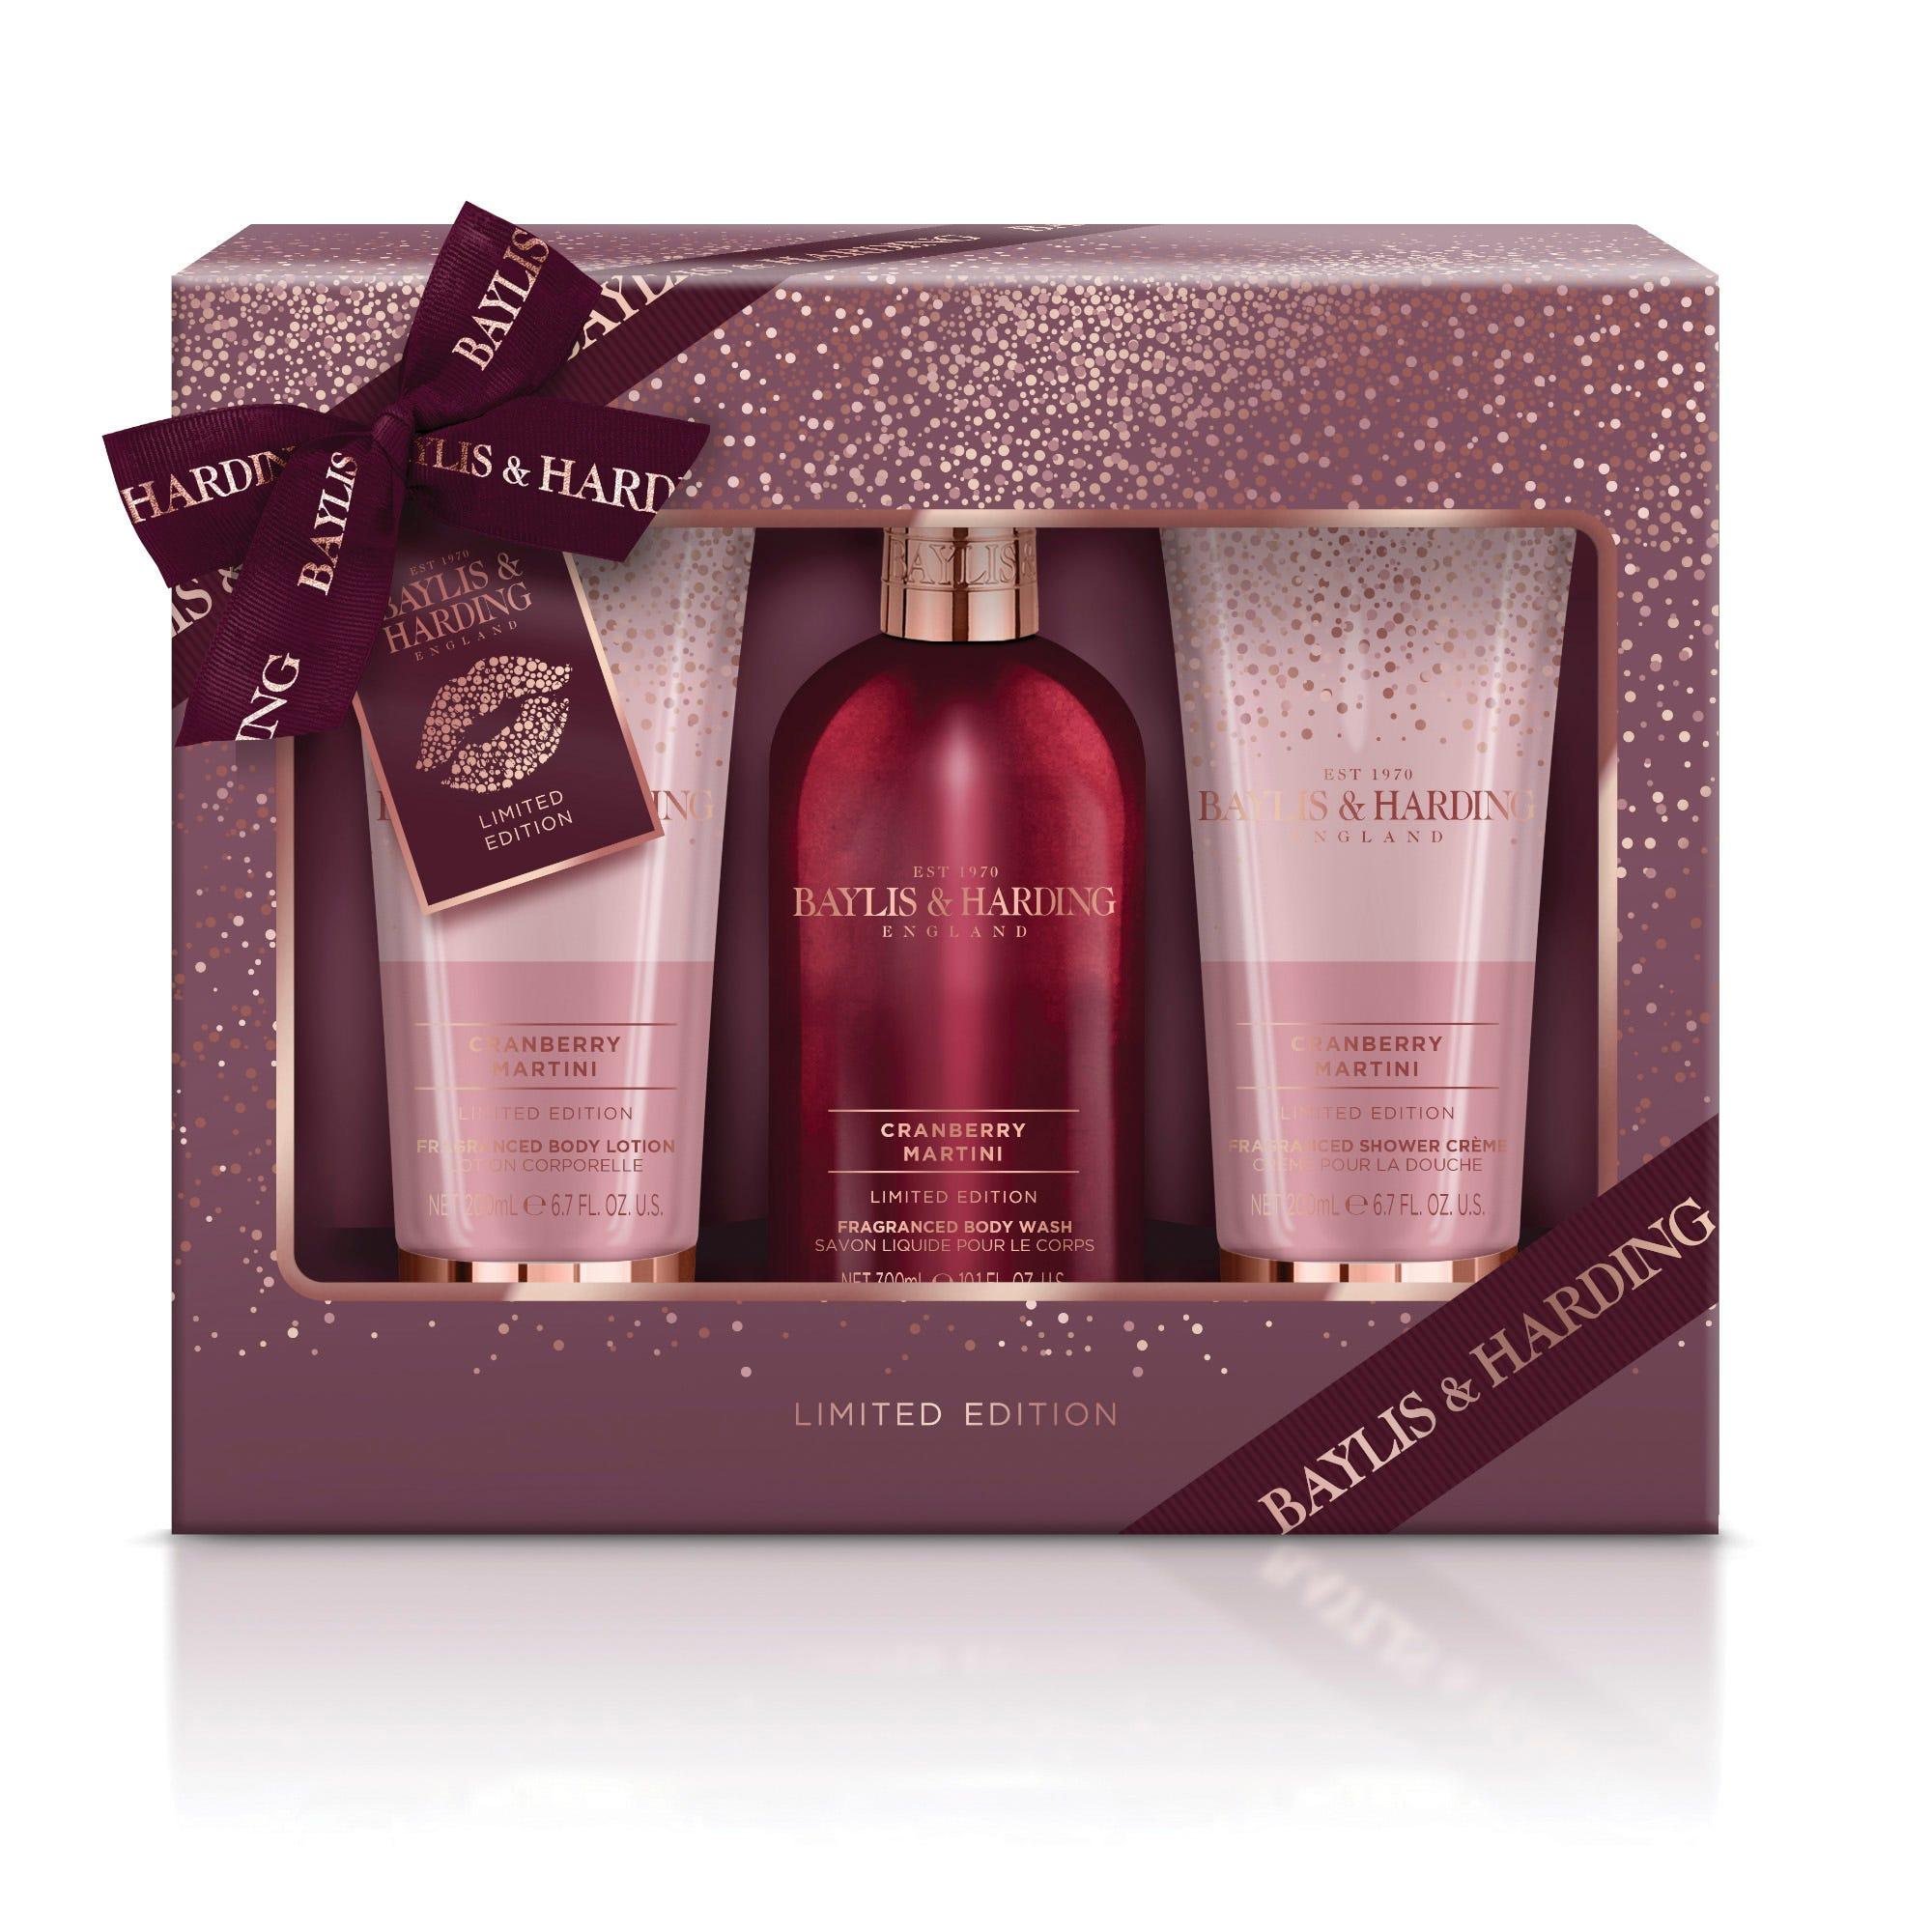 Set de cuidado de la piel Baylis & Harding para mujer aroma frutal, 3 piezas